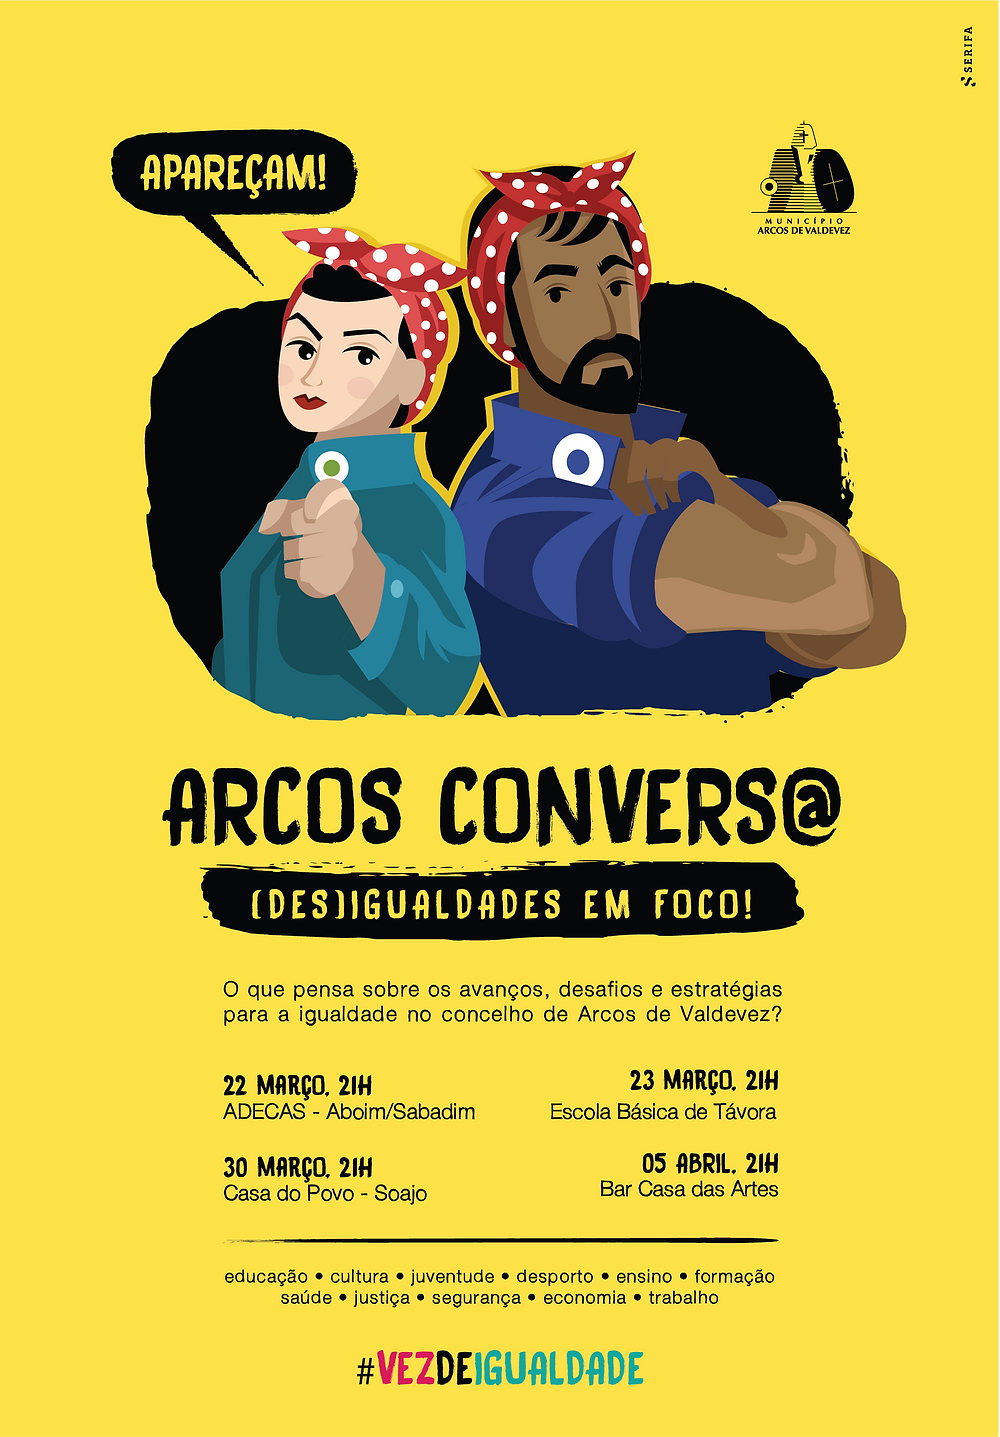 Arcos Convers@: (des)igualdades em foco | Peneda Gerês TV